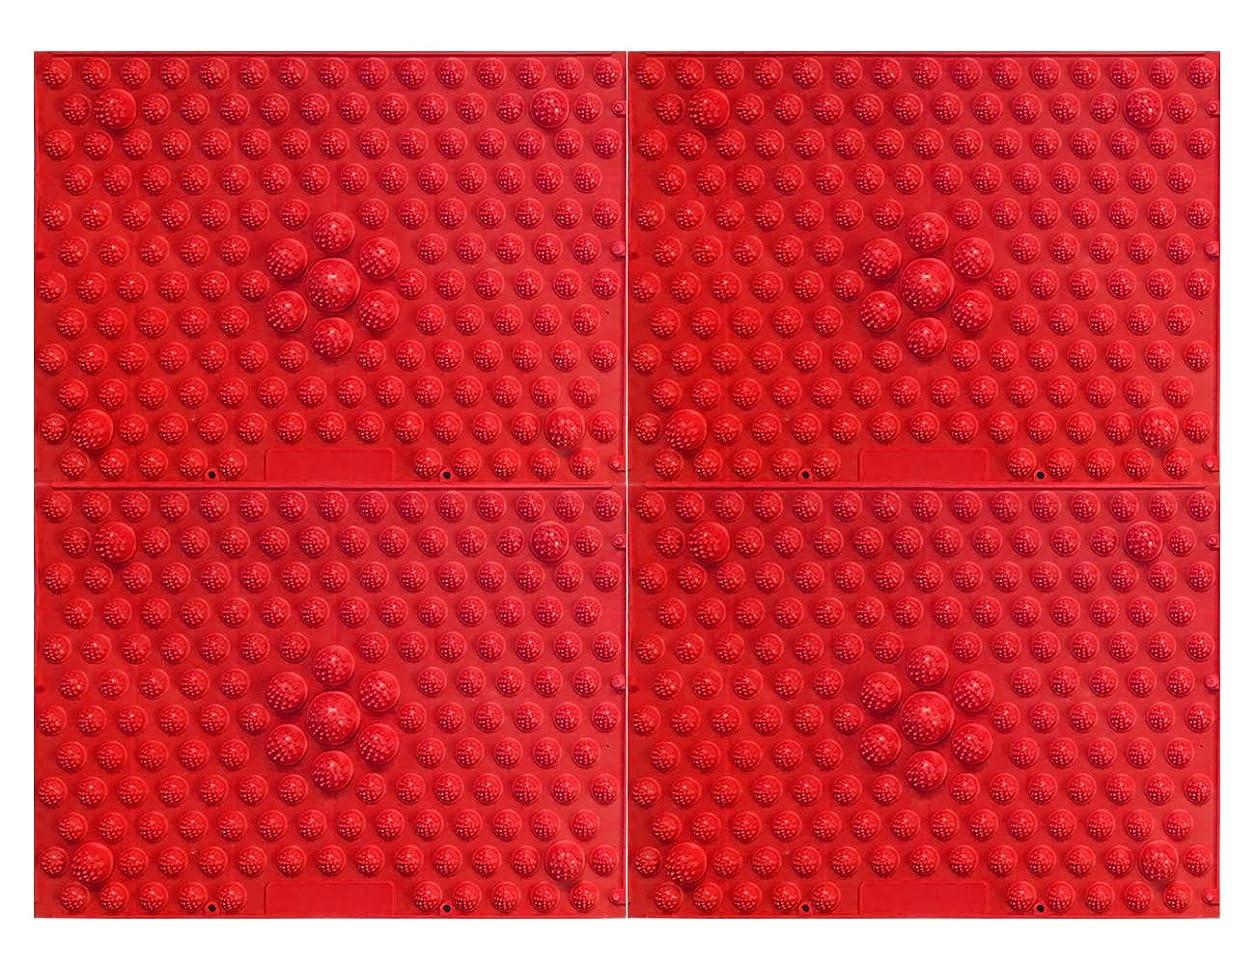 モデレータ散歩レイプ縦横自由自在足踏みマット4枚セット (赤)